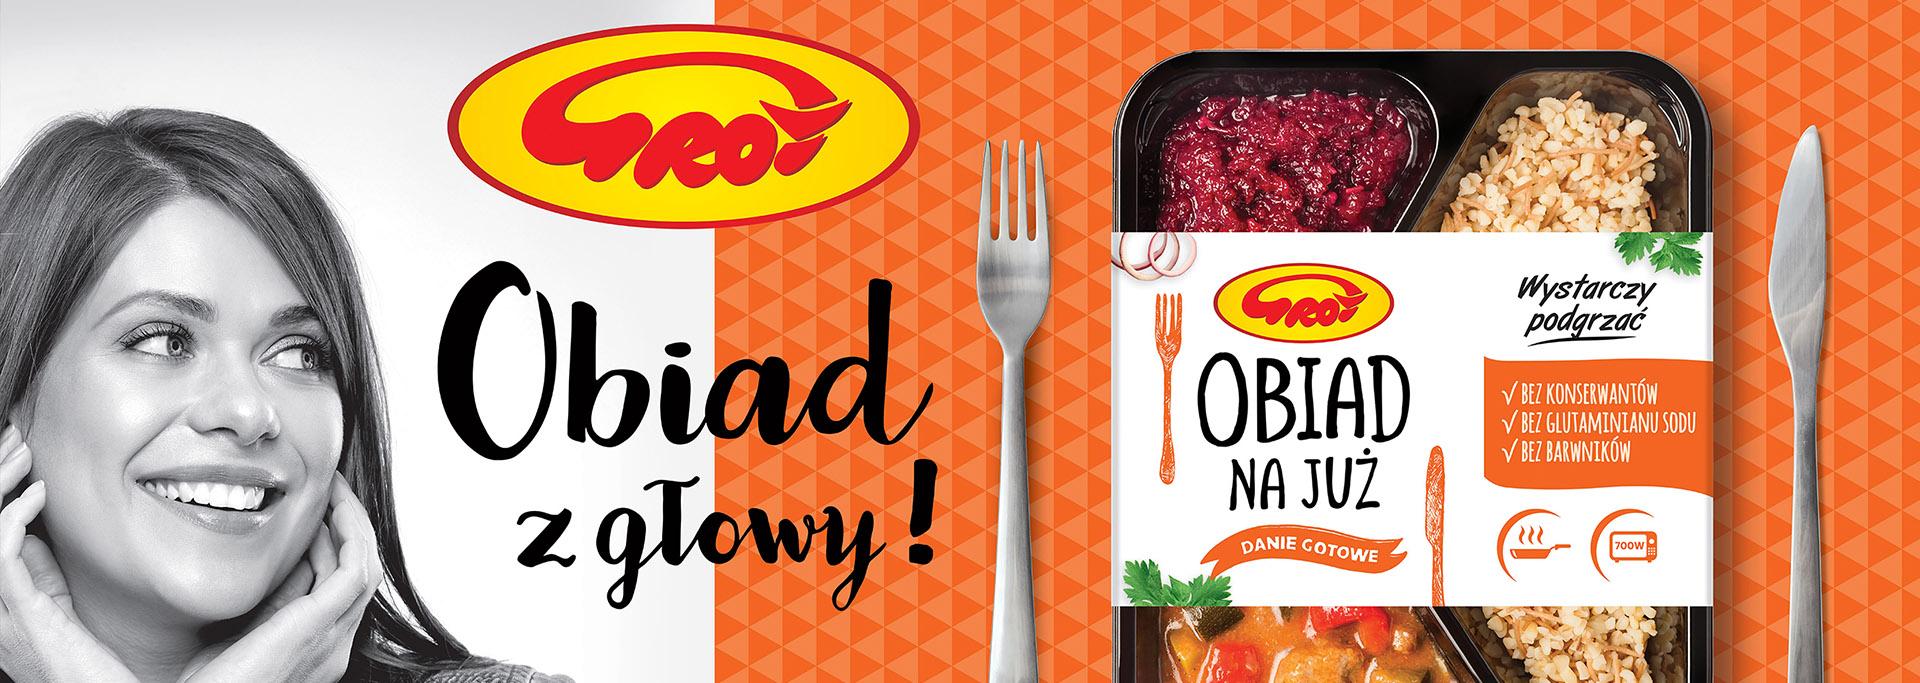 banner_obiad